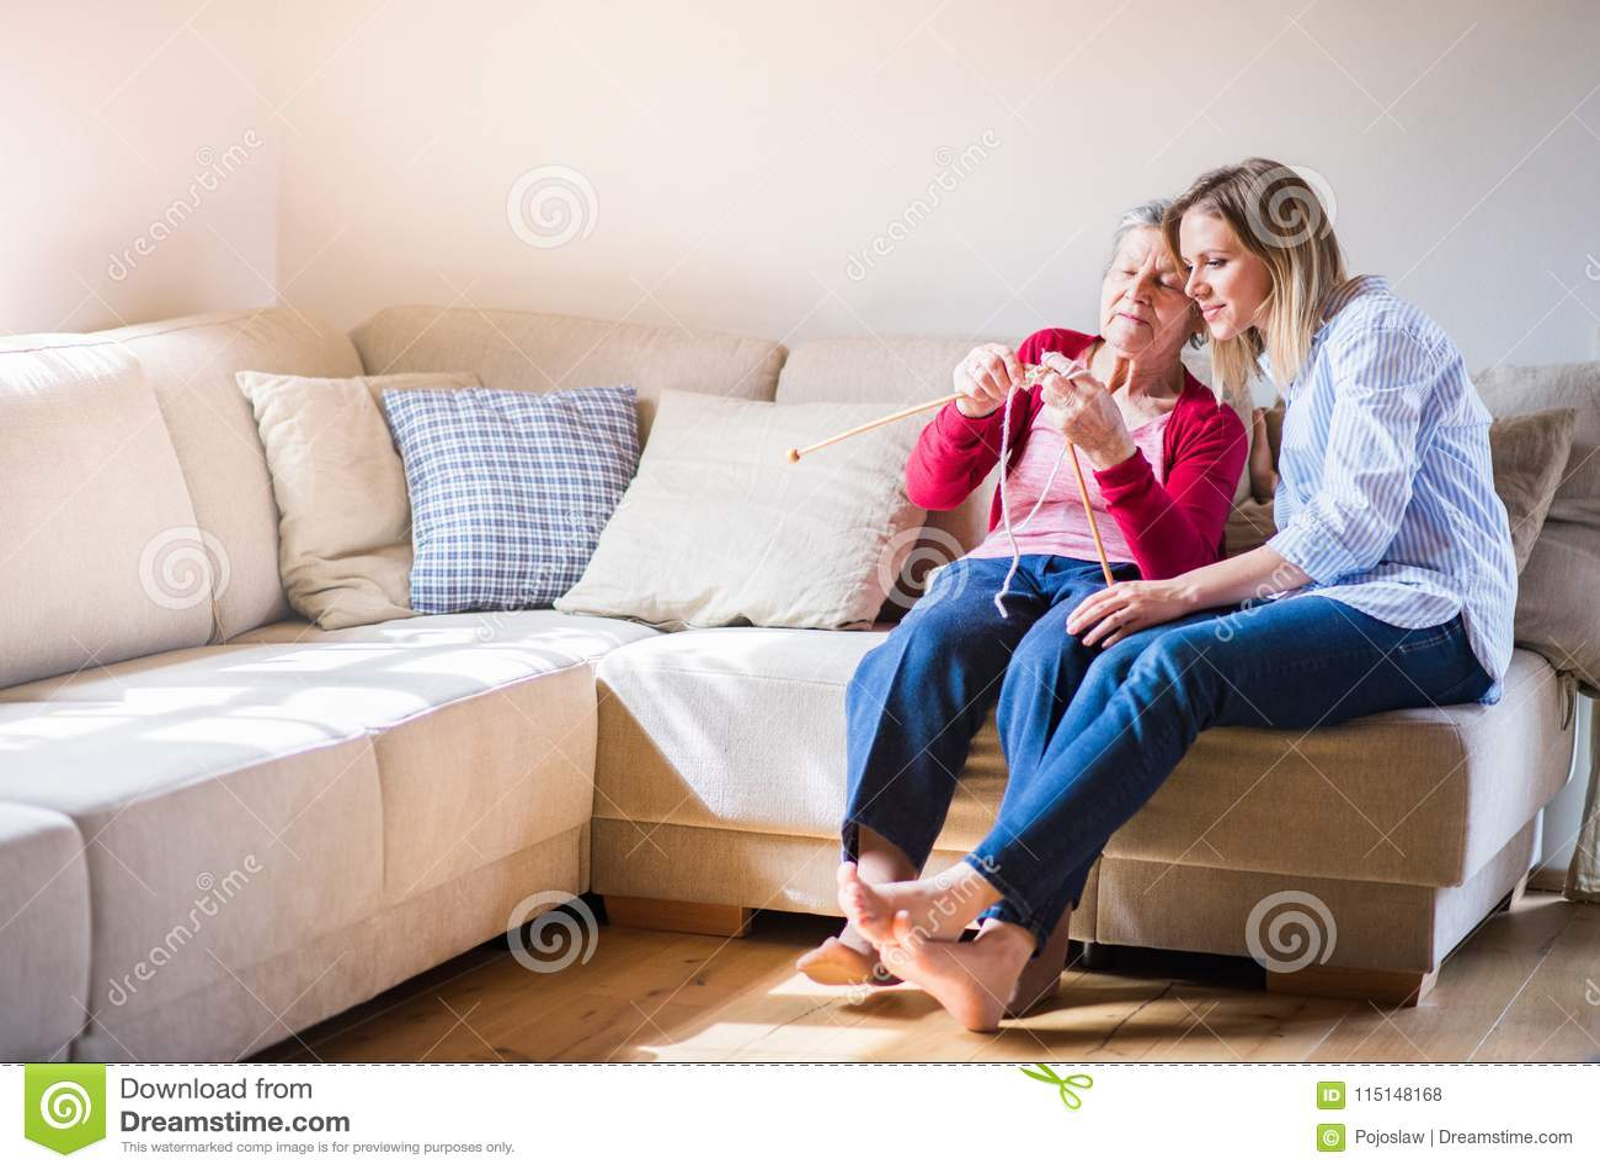 Ηλικιωμένη γιαγιά και ενήλικη εγγονή στο σπίτι, πλέξιμο